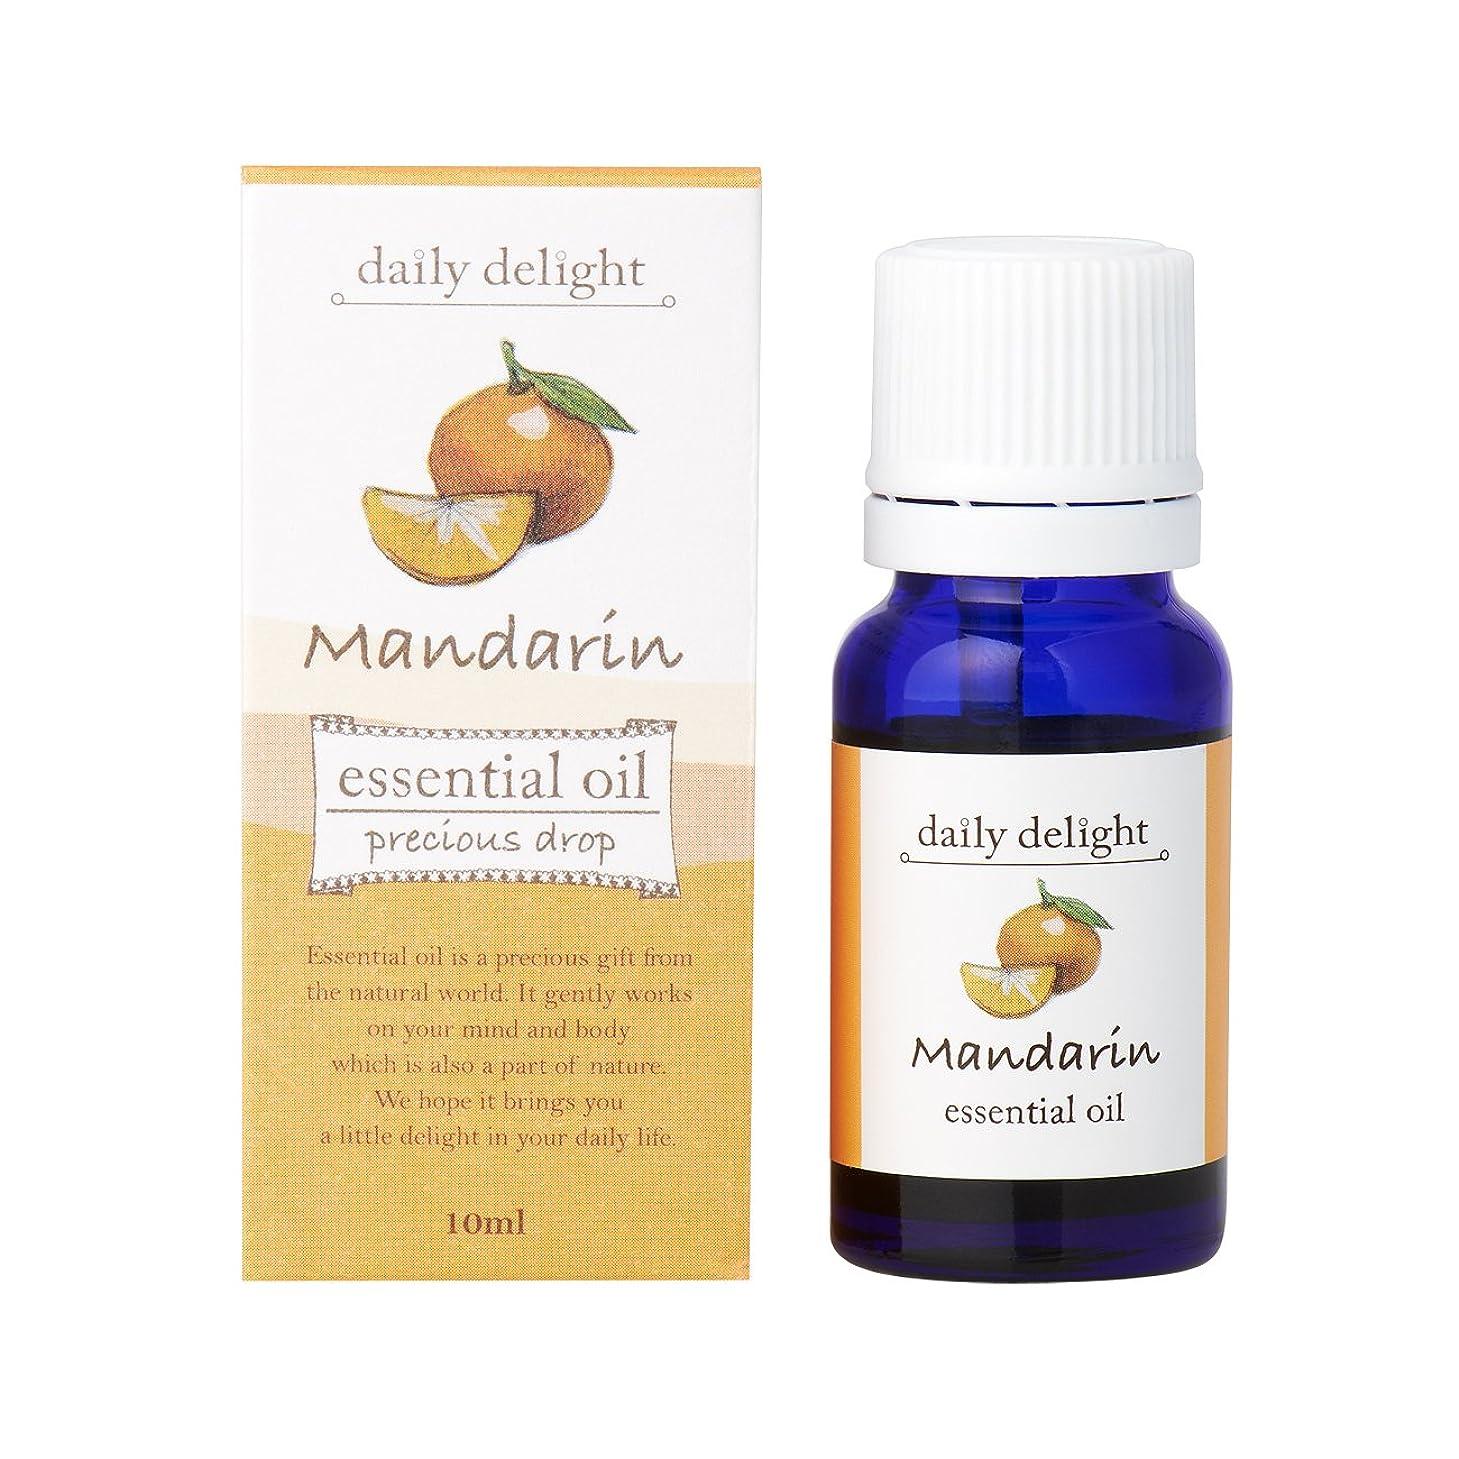 評決不利舗装するデイリーディライト エッセンシャルオイル  マンダリン 10ml(天然100% 精油 アロマ 柑橘系 オレンジに似ているがより穏やかで落ち着いた印象の香り)